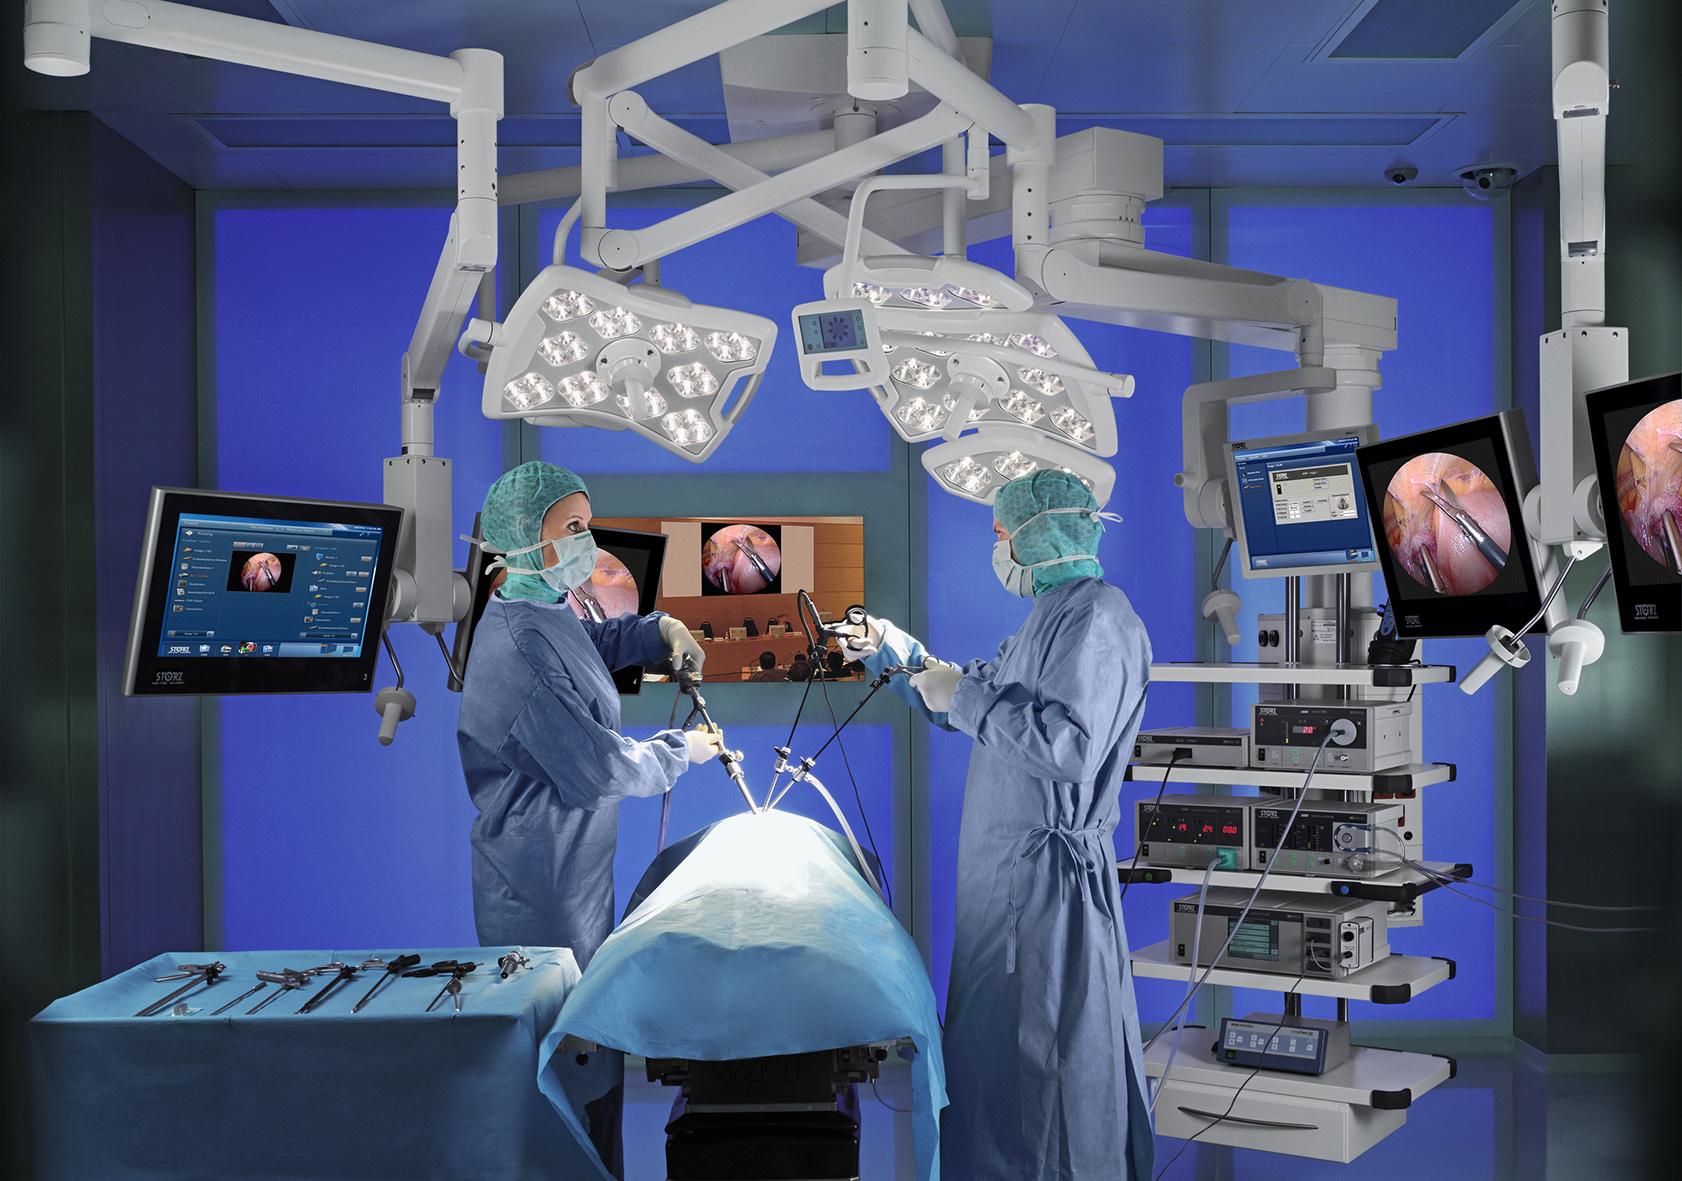 Medizintechniker schaffen Innovationen für die Gesundheit